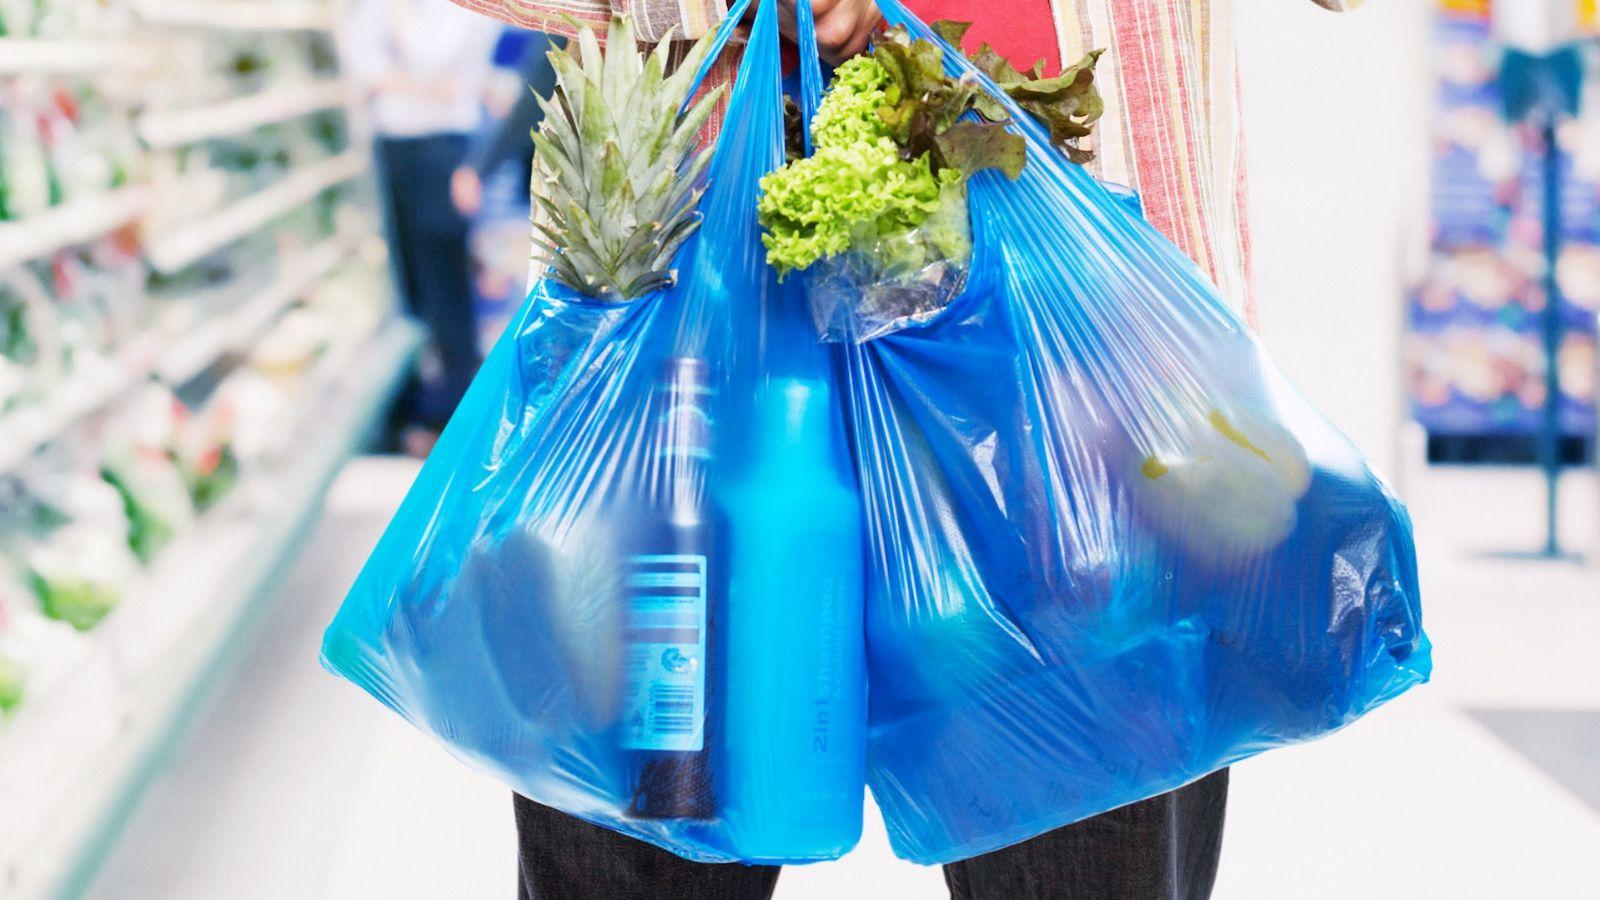 """Desde el próximo sábado, supermercados comenzarán a vender """"bolsas reutilizables"""""""